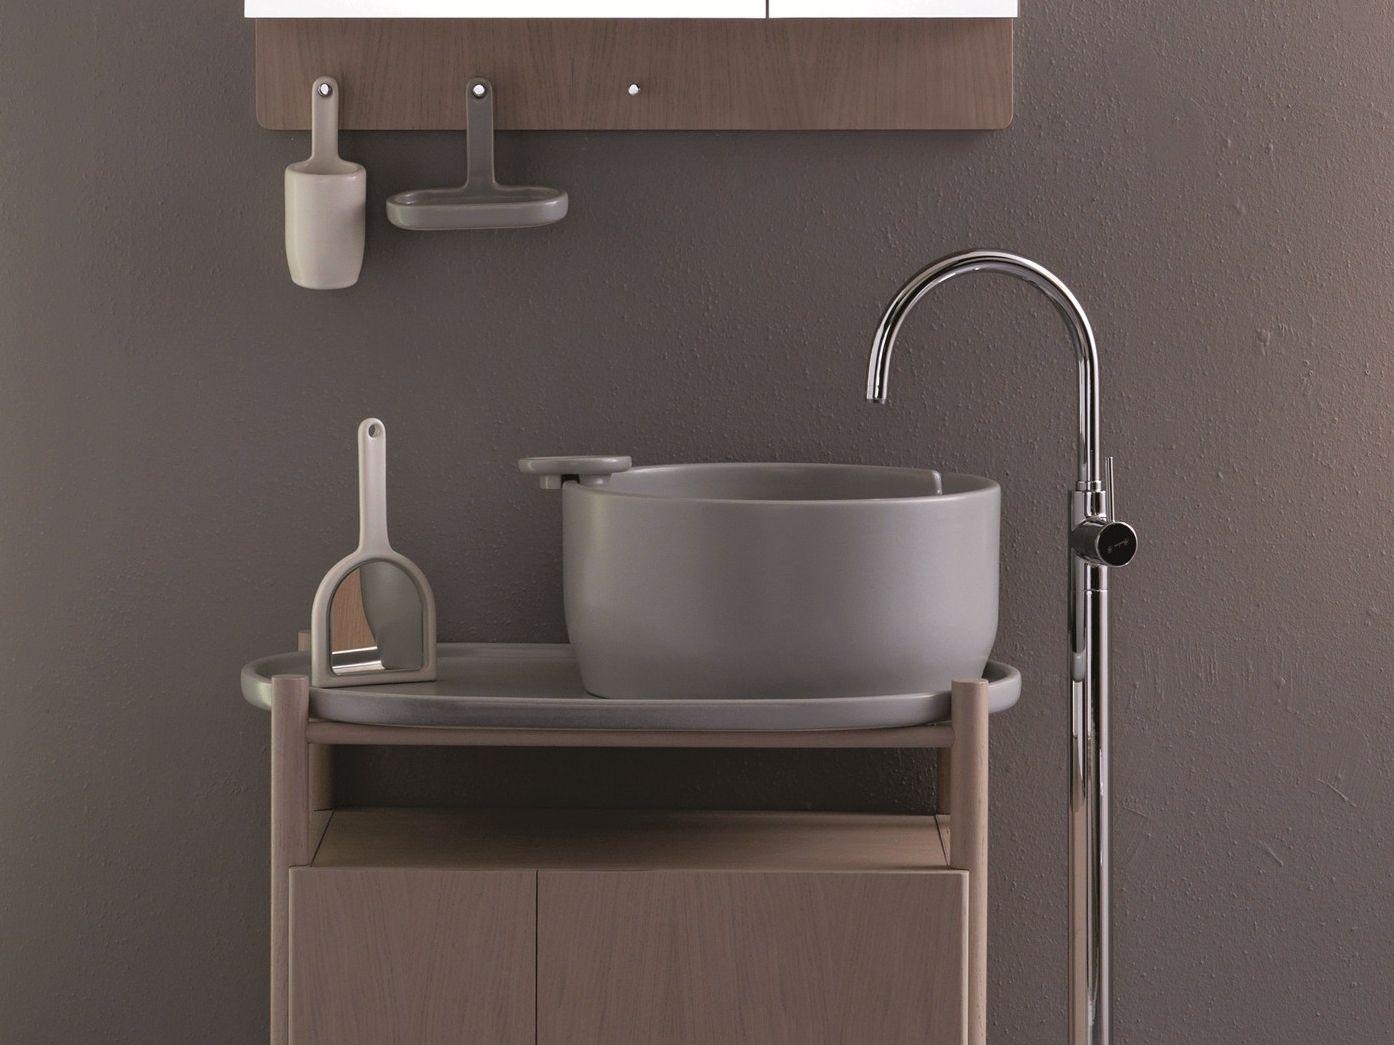 Lavabi Per Bagno Colorati : Lavabi per bagno colorati. Lavandini ...